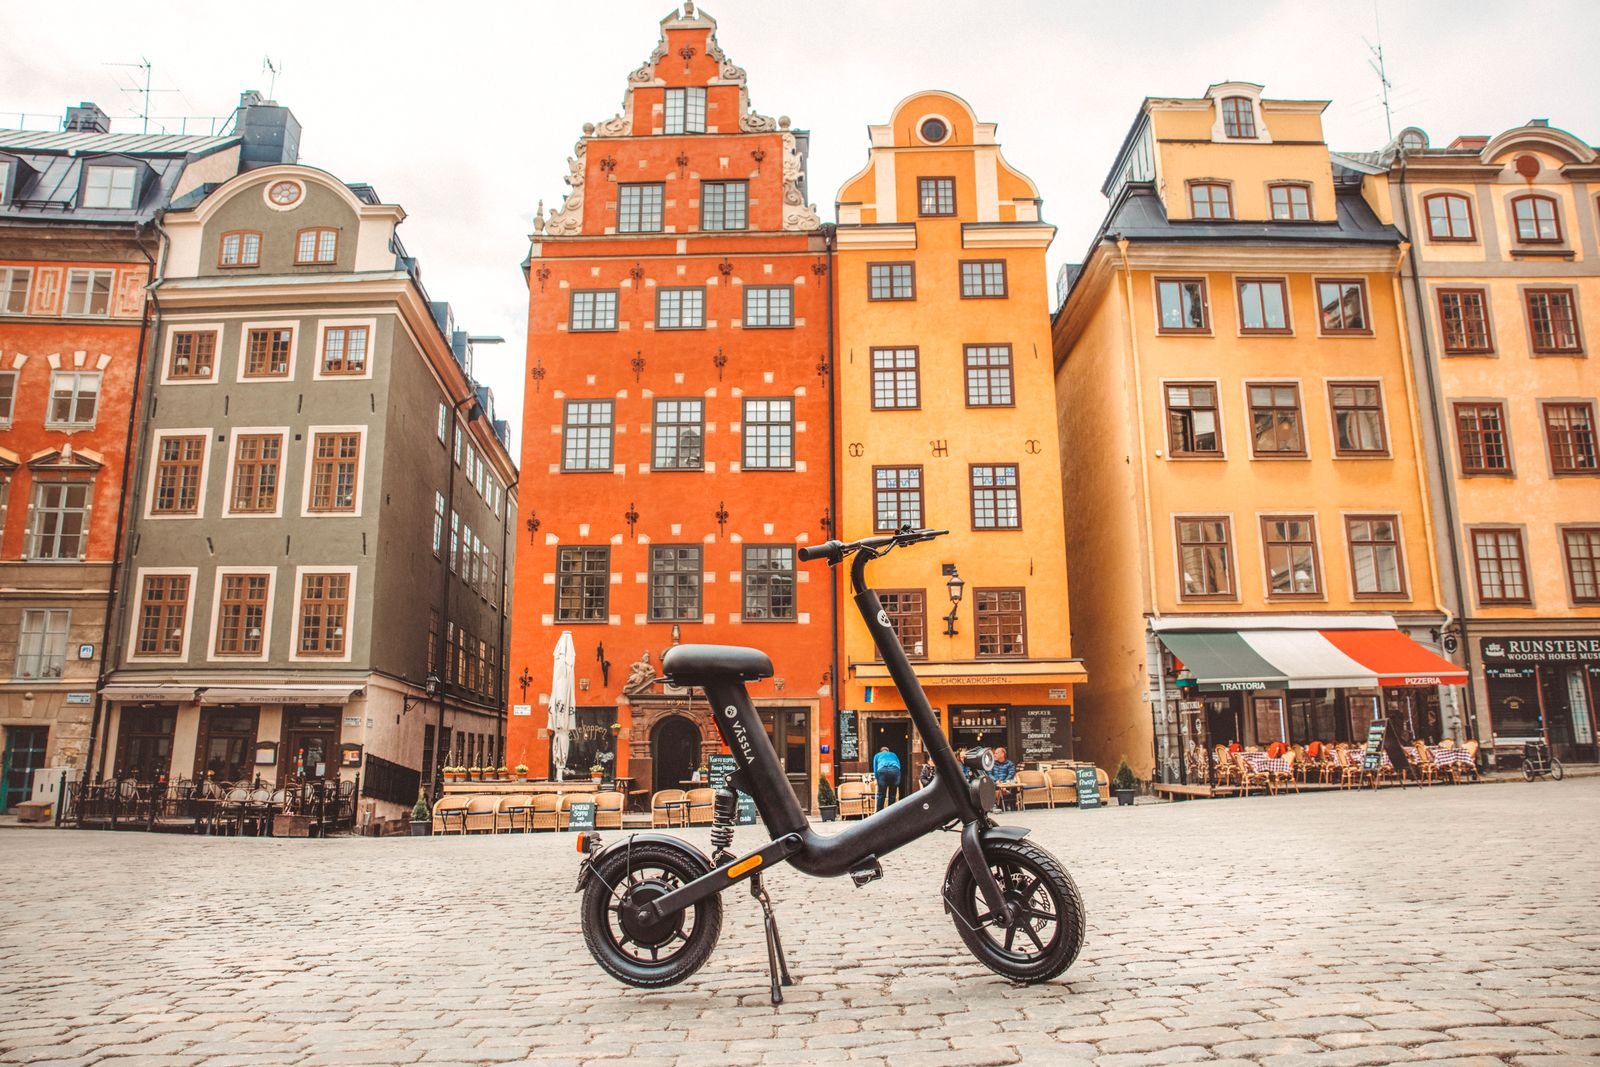 Vässla_Bike2